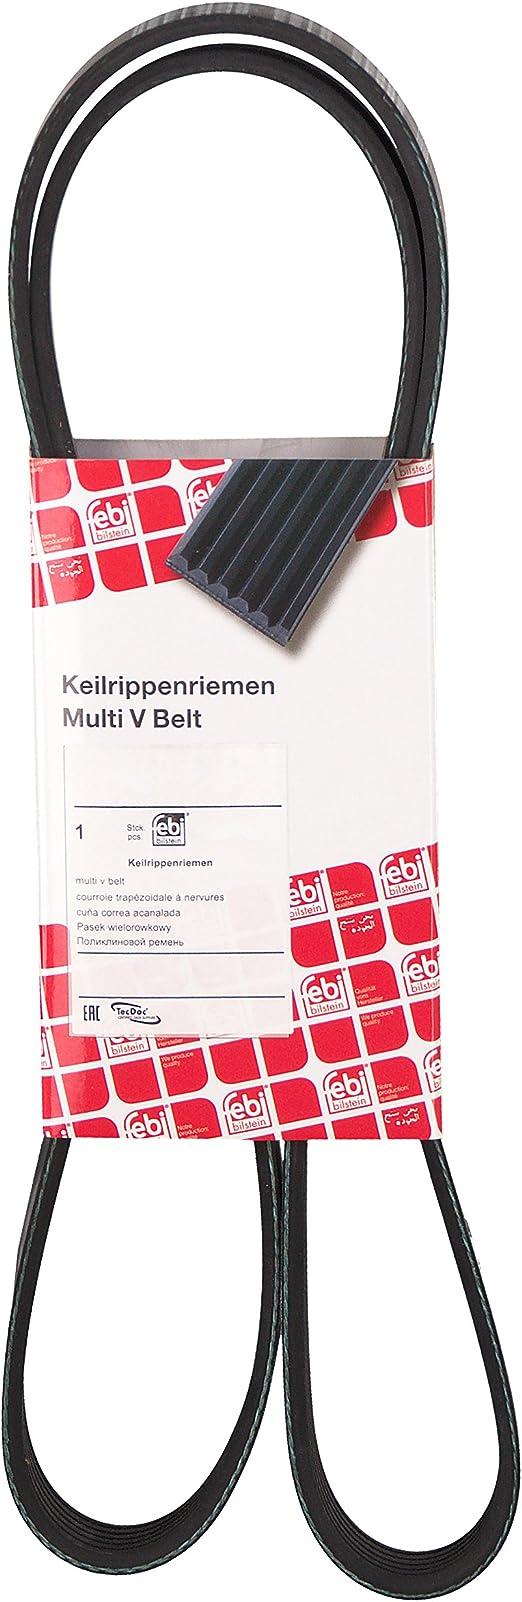 Febi Bilstein 28929 Keilrippenriemen Rippenanzahl 6 1 Stück Auto